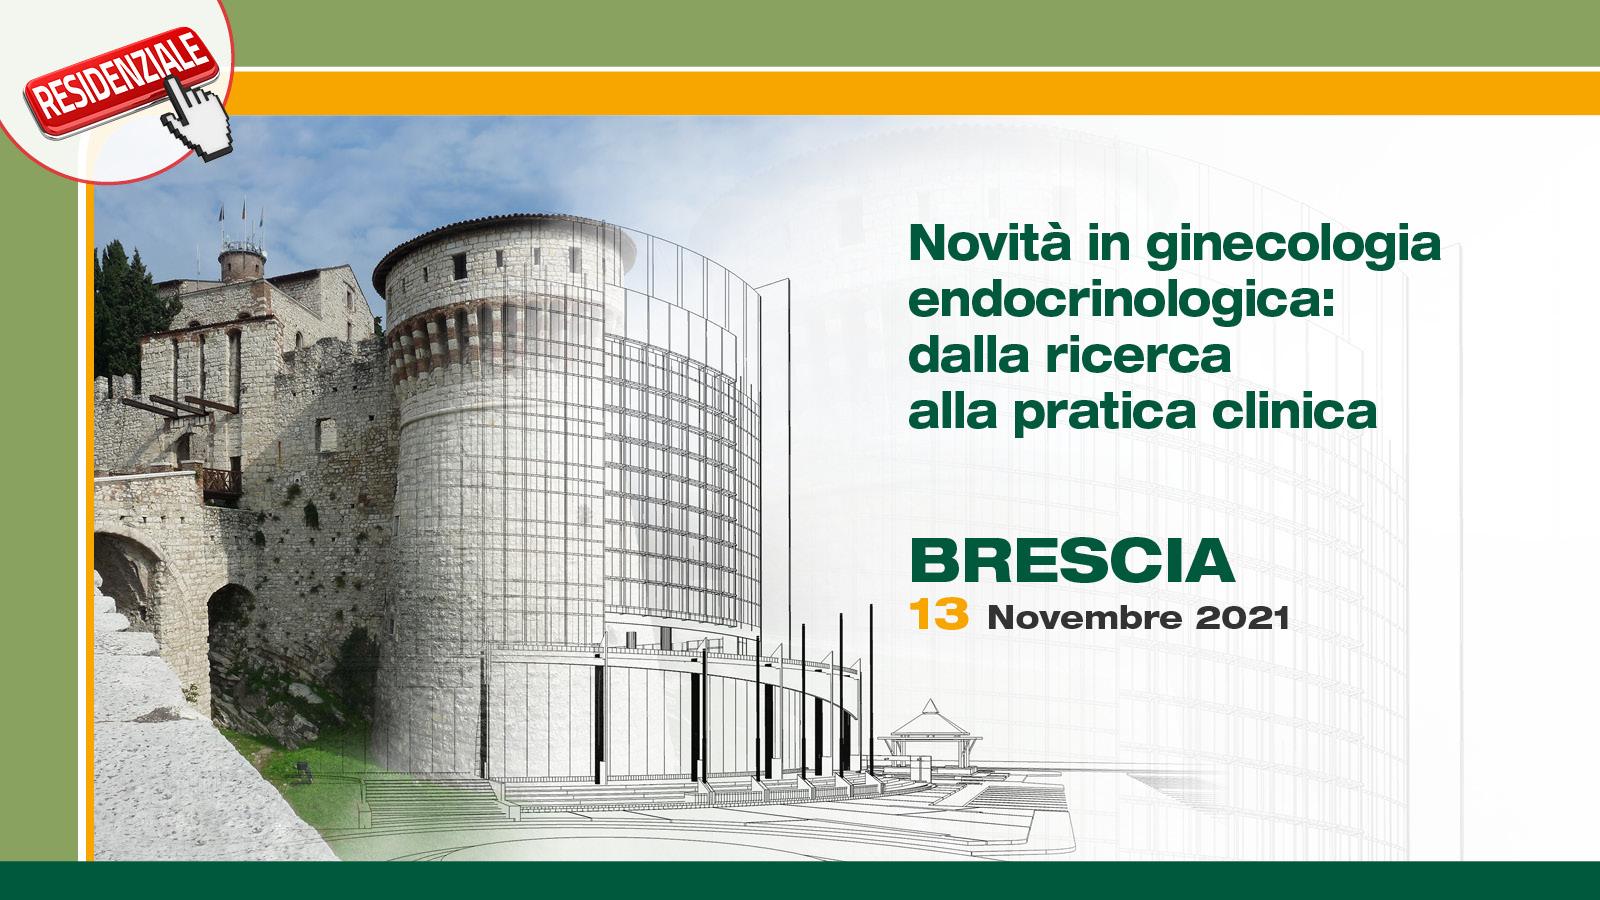 Novità in ginecologia endocrinologica: dalla ricerca alla pratica clinica